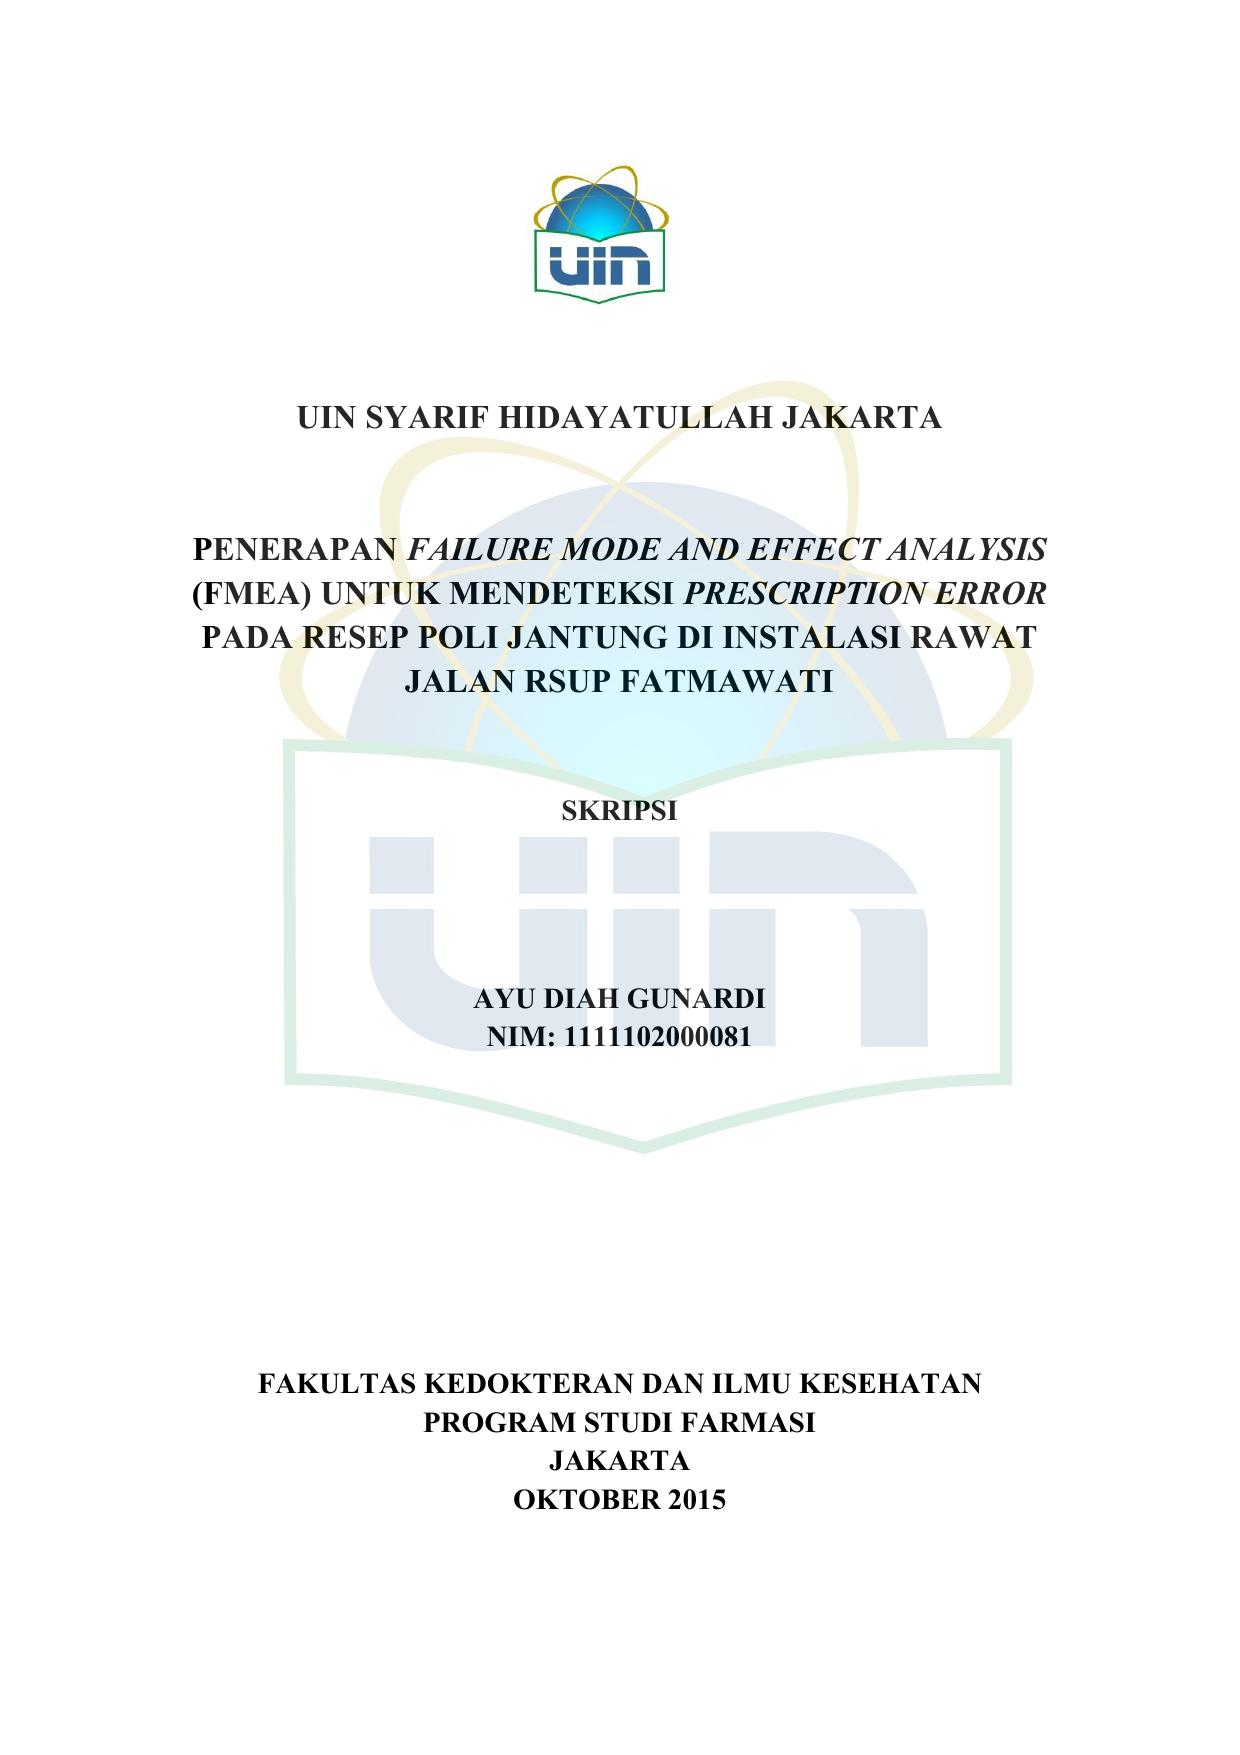 Fmea Repository Uin Jakarta